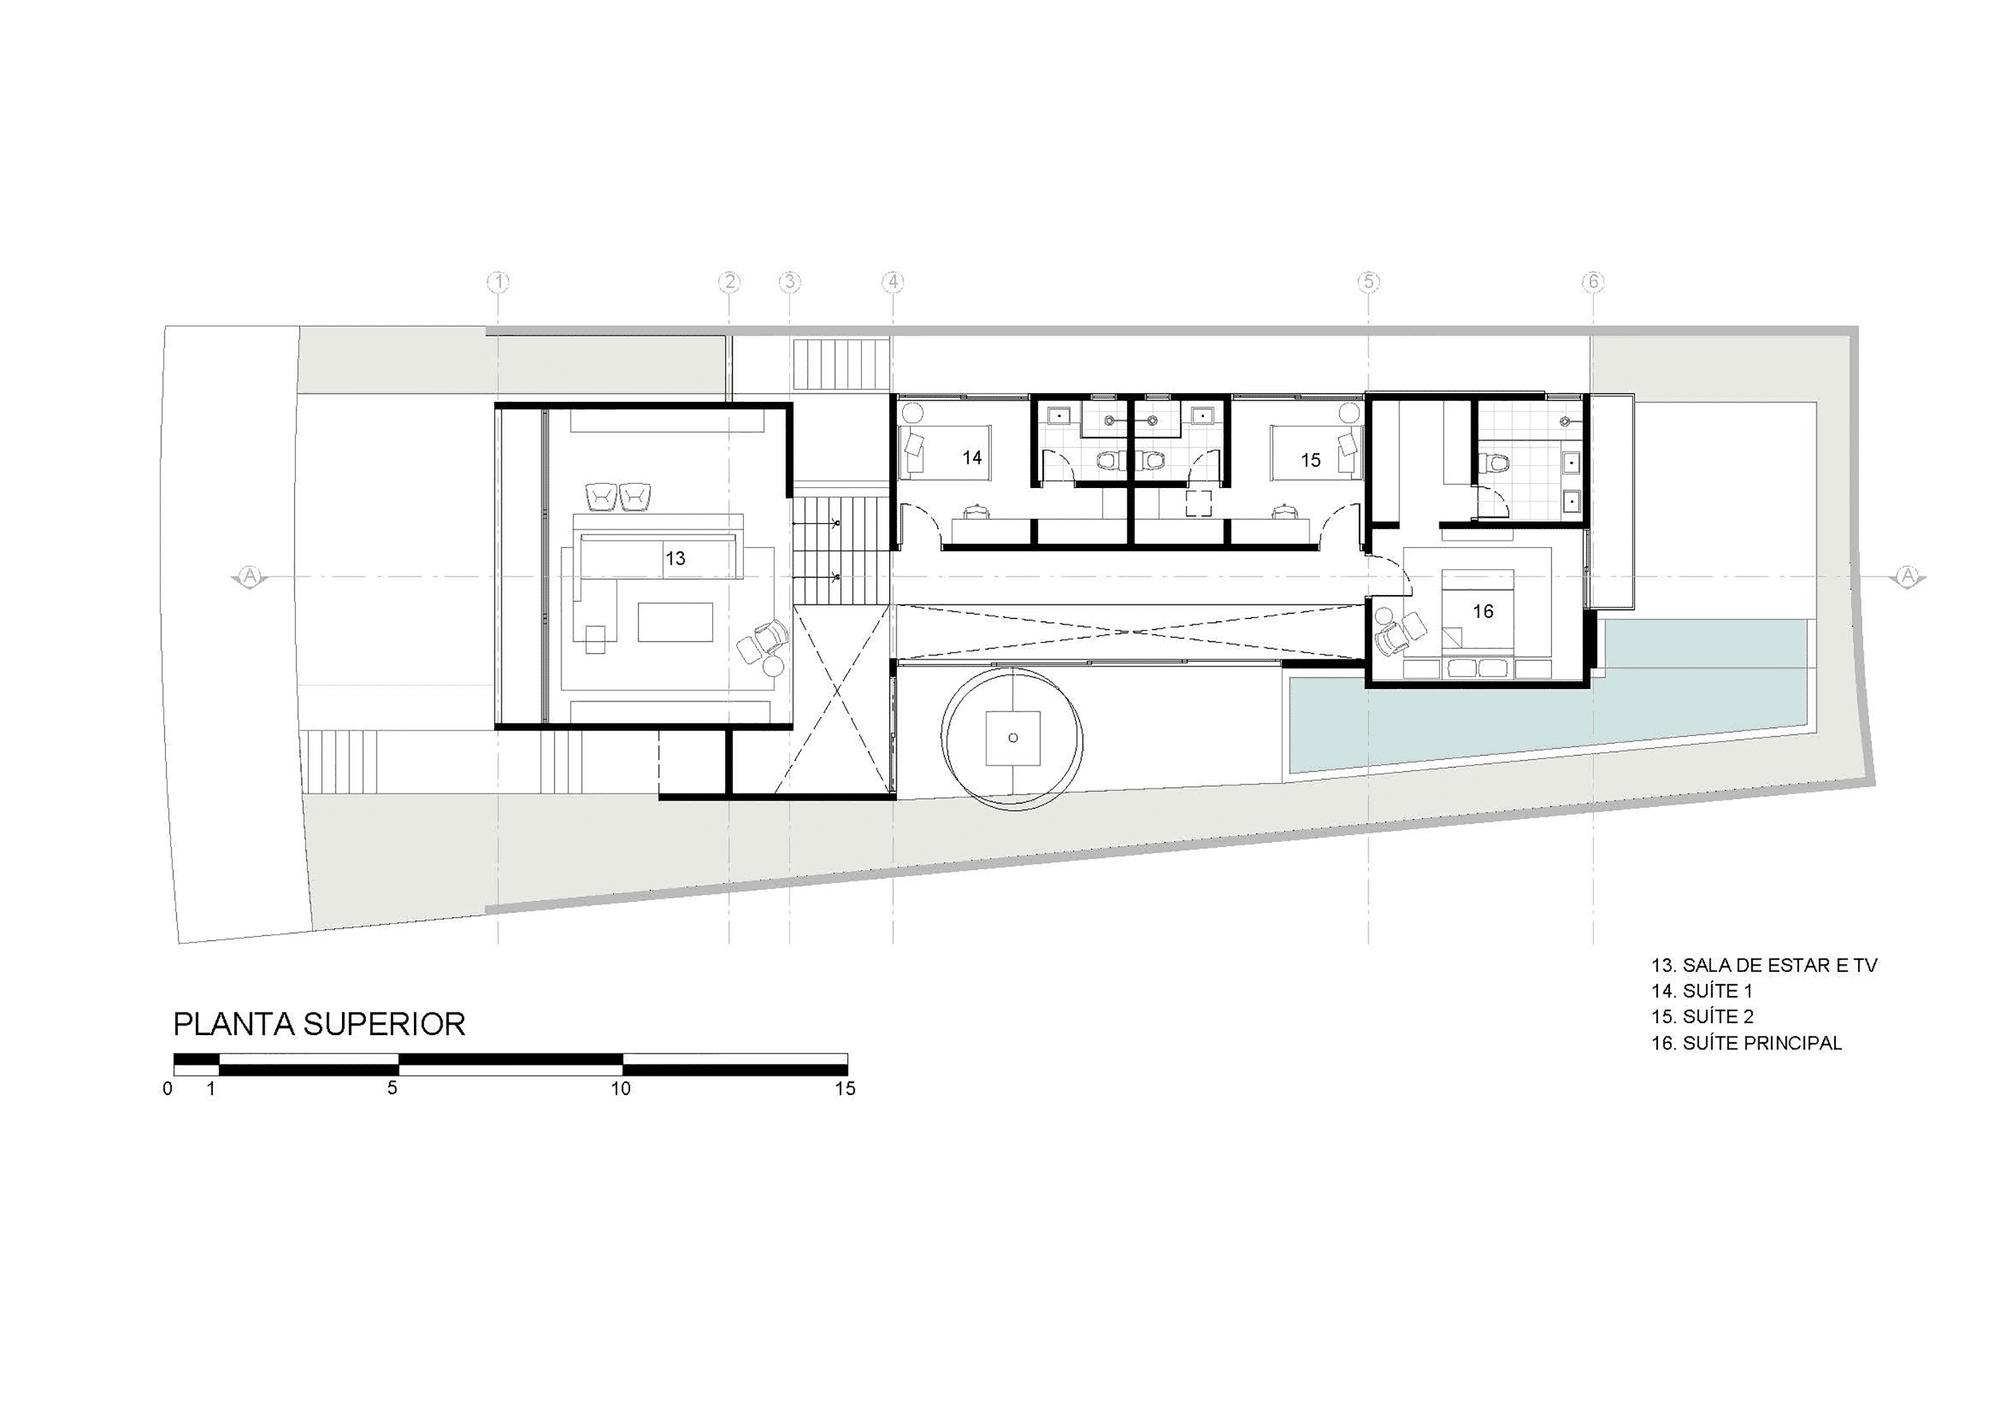 Dise o de moderna casa de dos pisos con fachada y planos - Planos casas modernas 1 piso ...